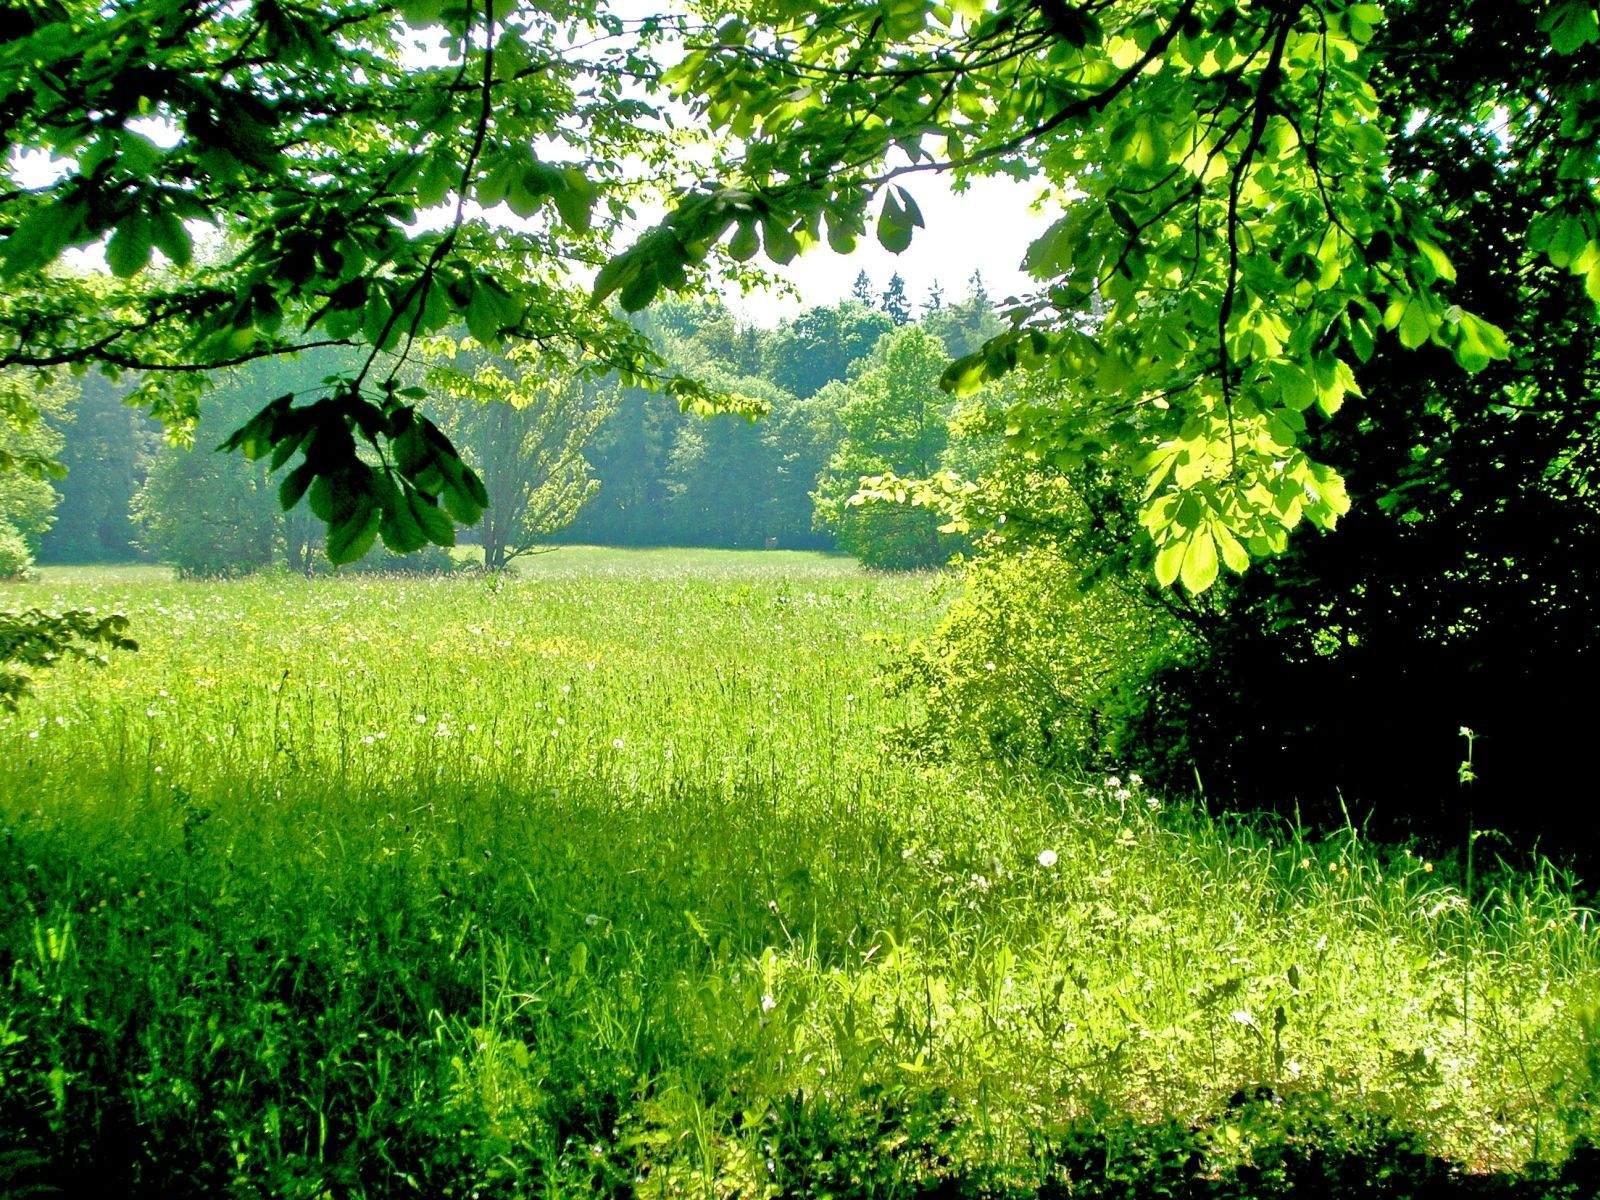 http://3.bp.blogspot.com/-BzP01lqMuPg/TjsrSle1fMI/AAAAAAAAAkc/areNG2YrjLk/s1600/Airena-high-resolution-wallpaper-49.jpg